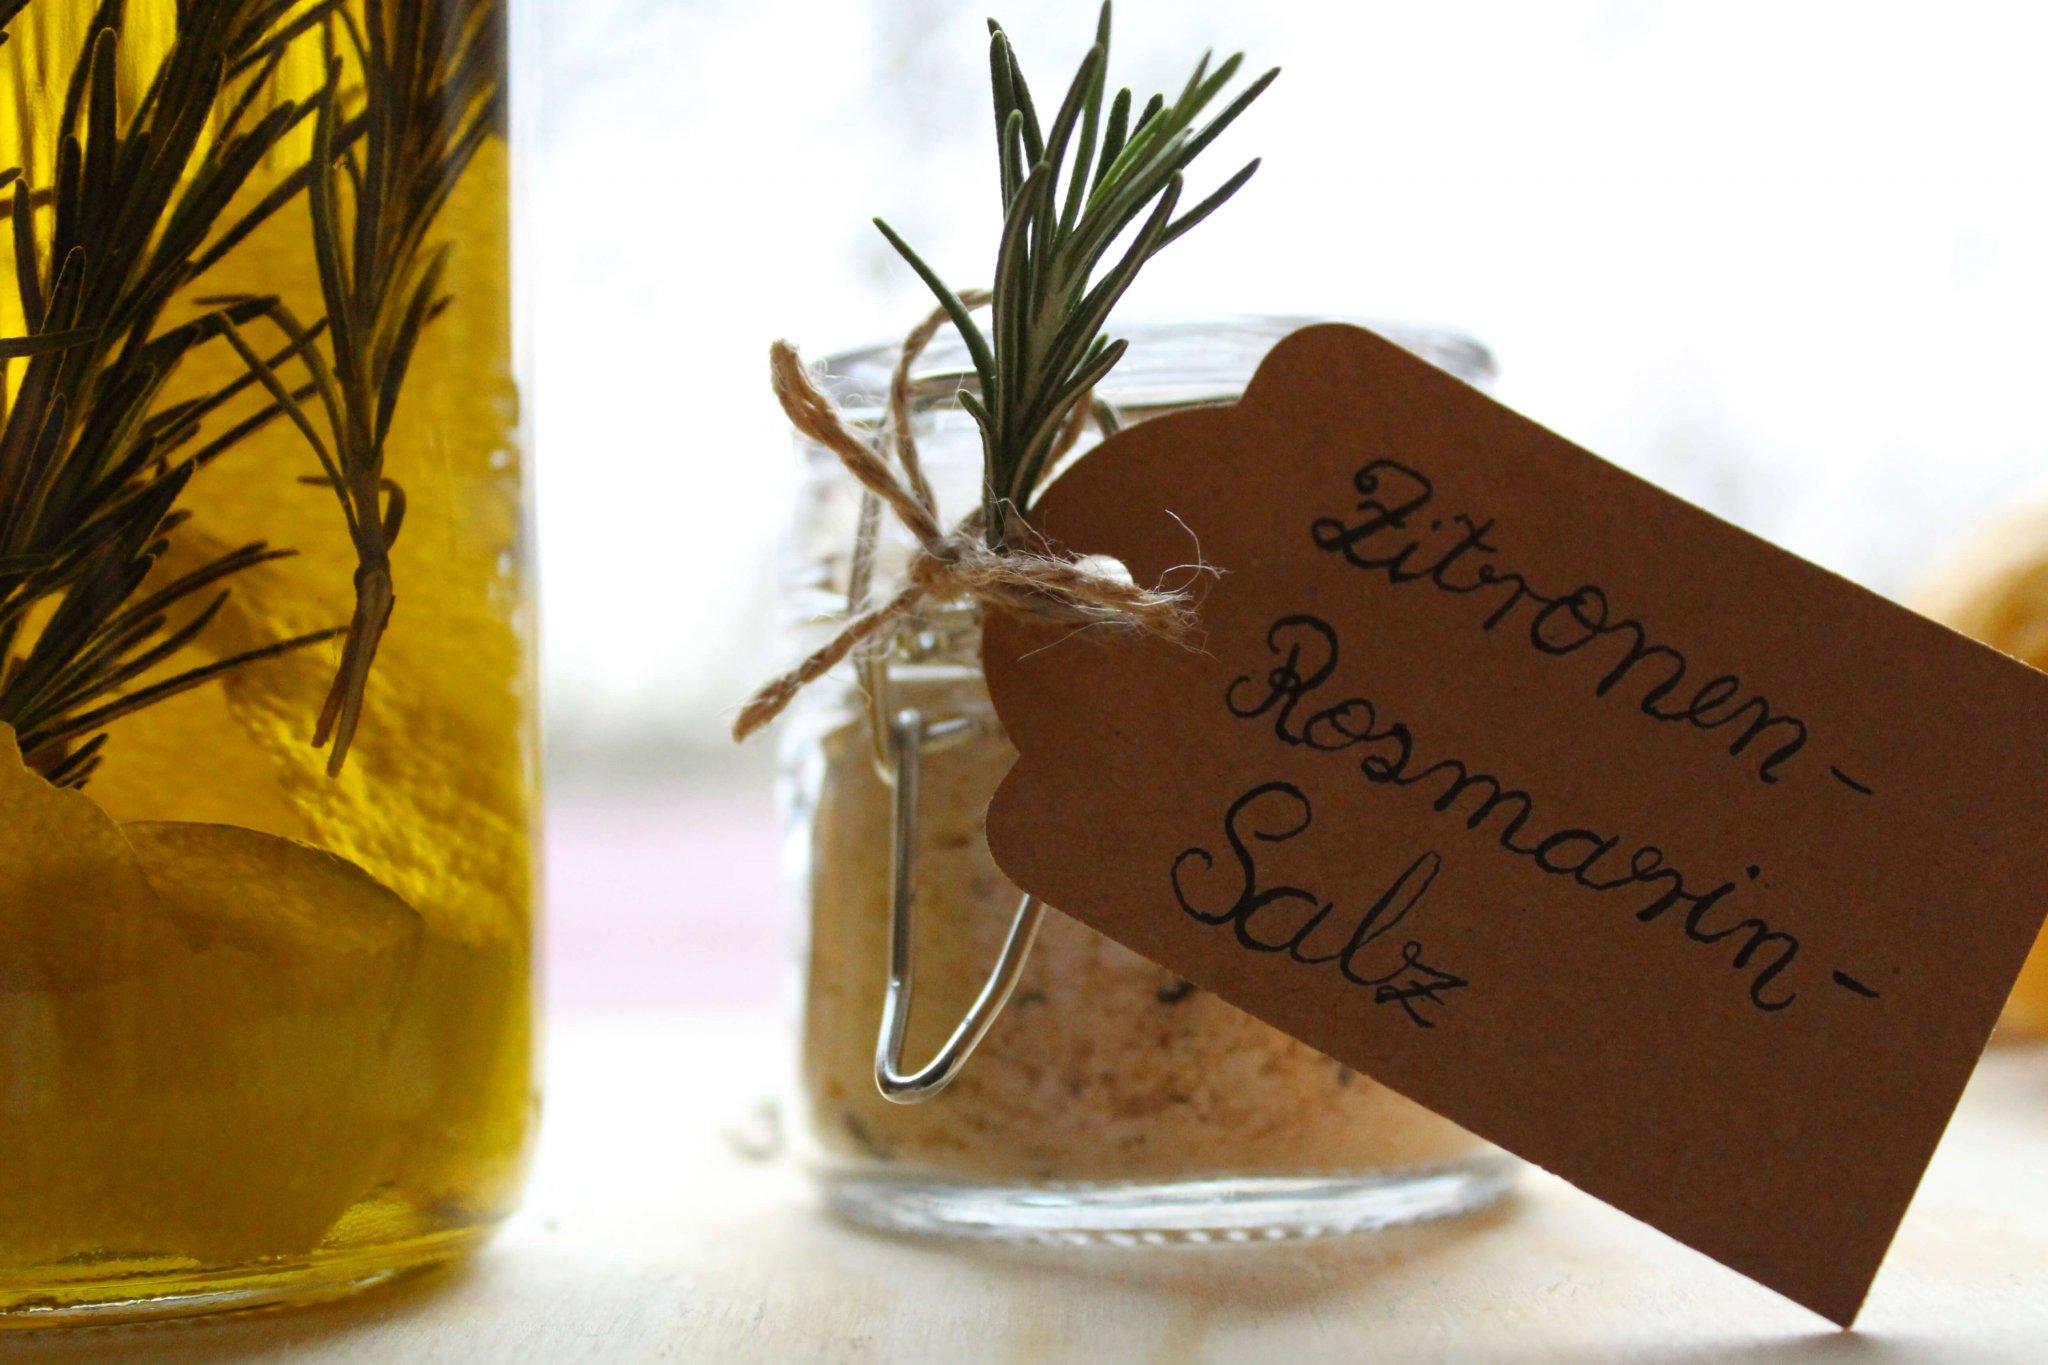 Zitronen-Rosmarin-Salz und Zitronen-Rosmarin-Öl selber machen